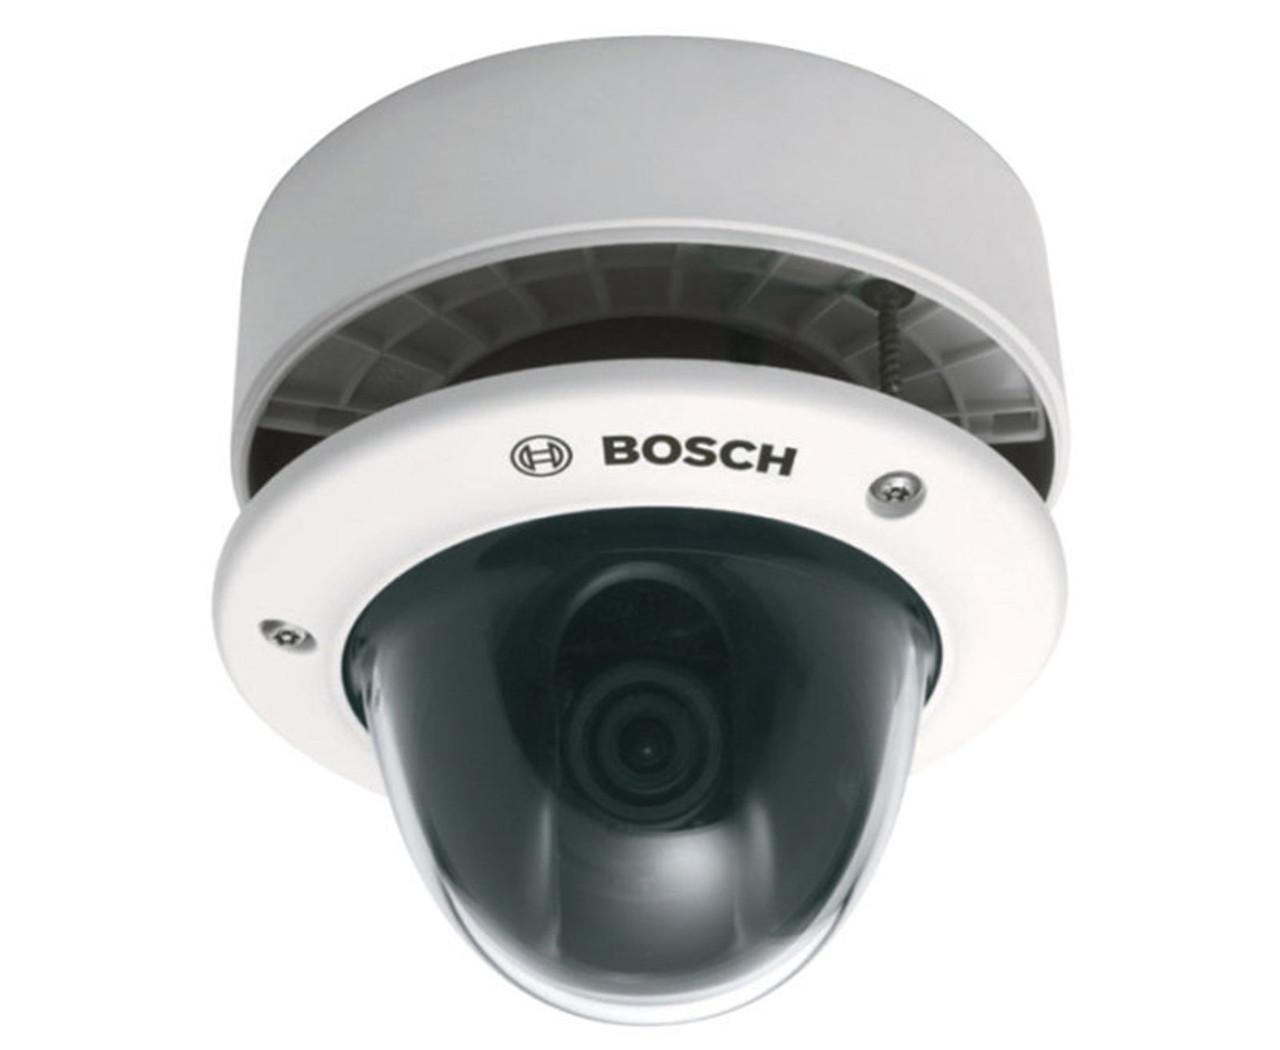 Bosch VDC 485V04 20 FlexiDome XF 540TVL Outdoor Dome CCTV Analog Security Camera